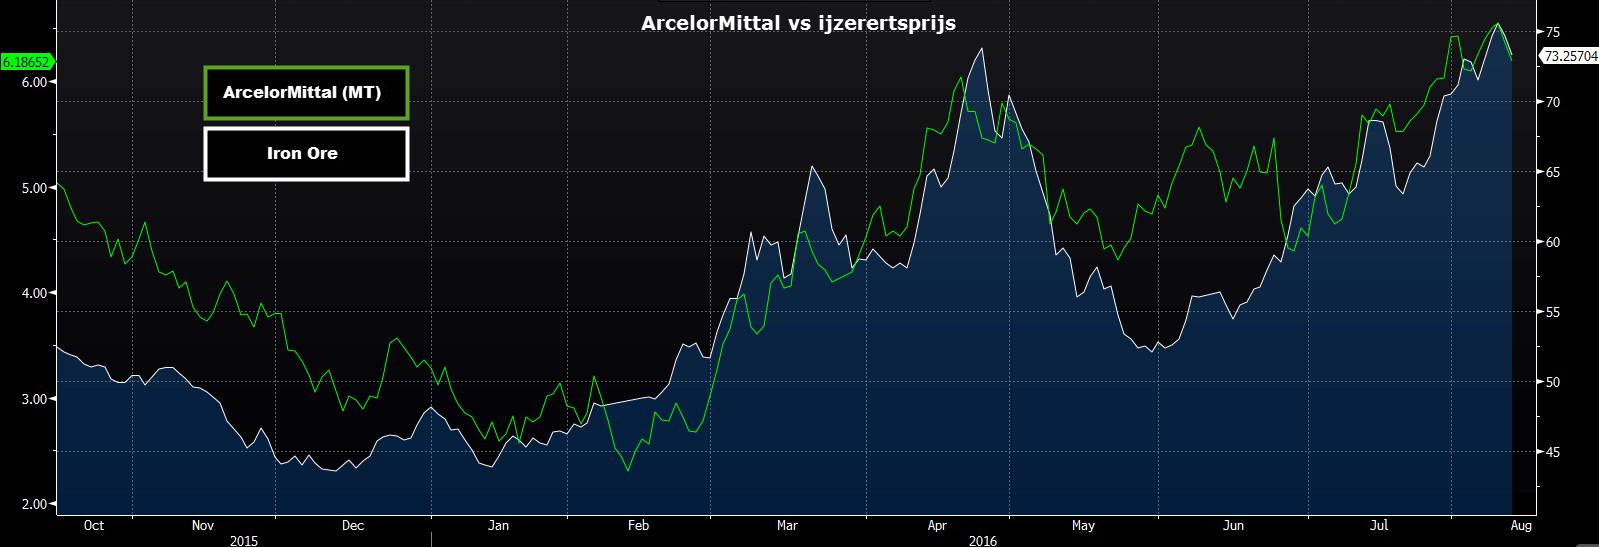 Koers ArcelorMittal ten opzichte van de ijzerertsprijs